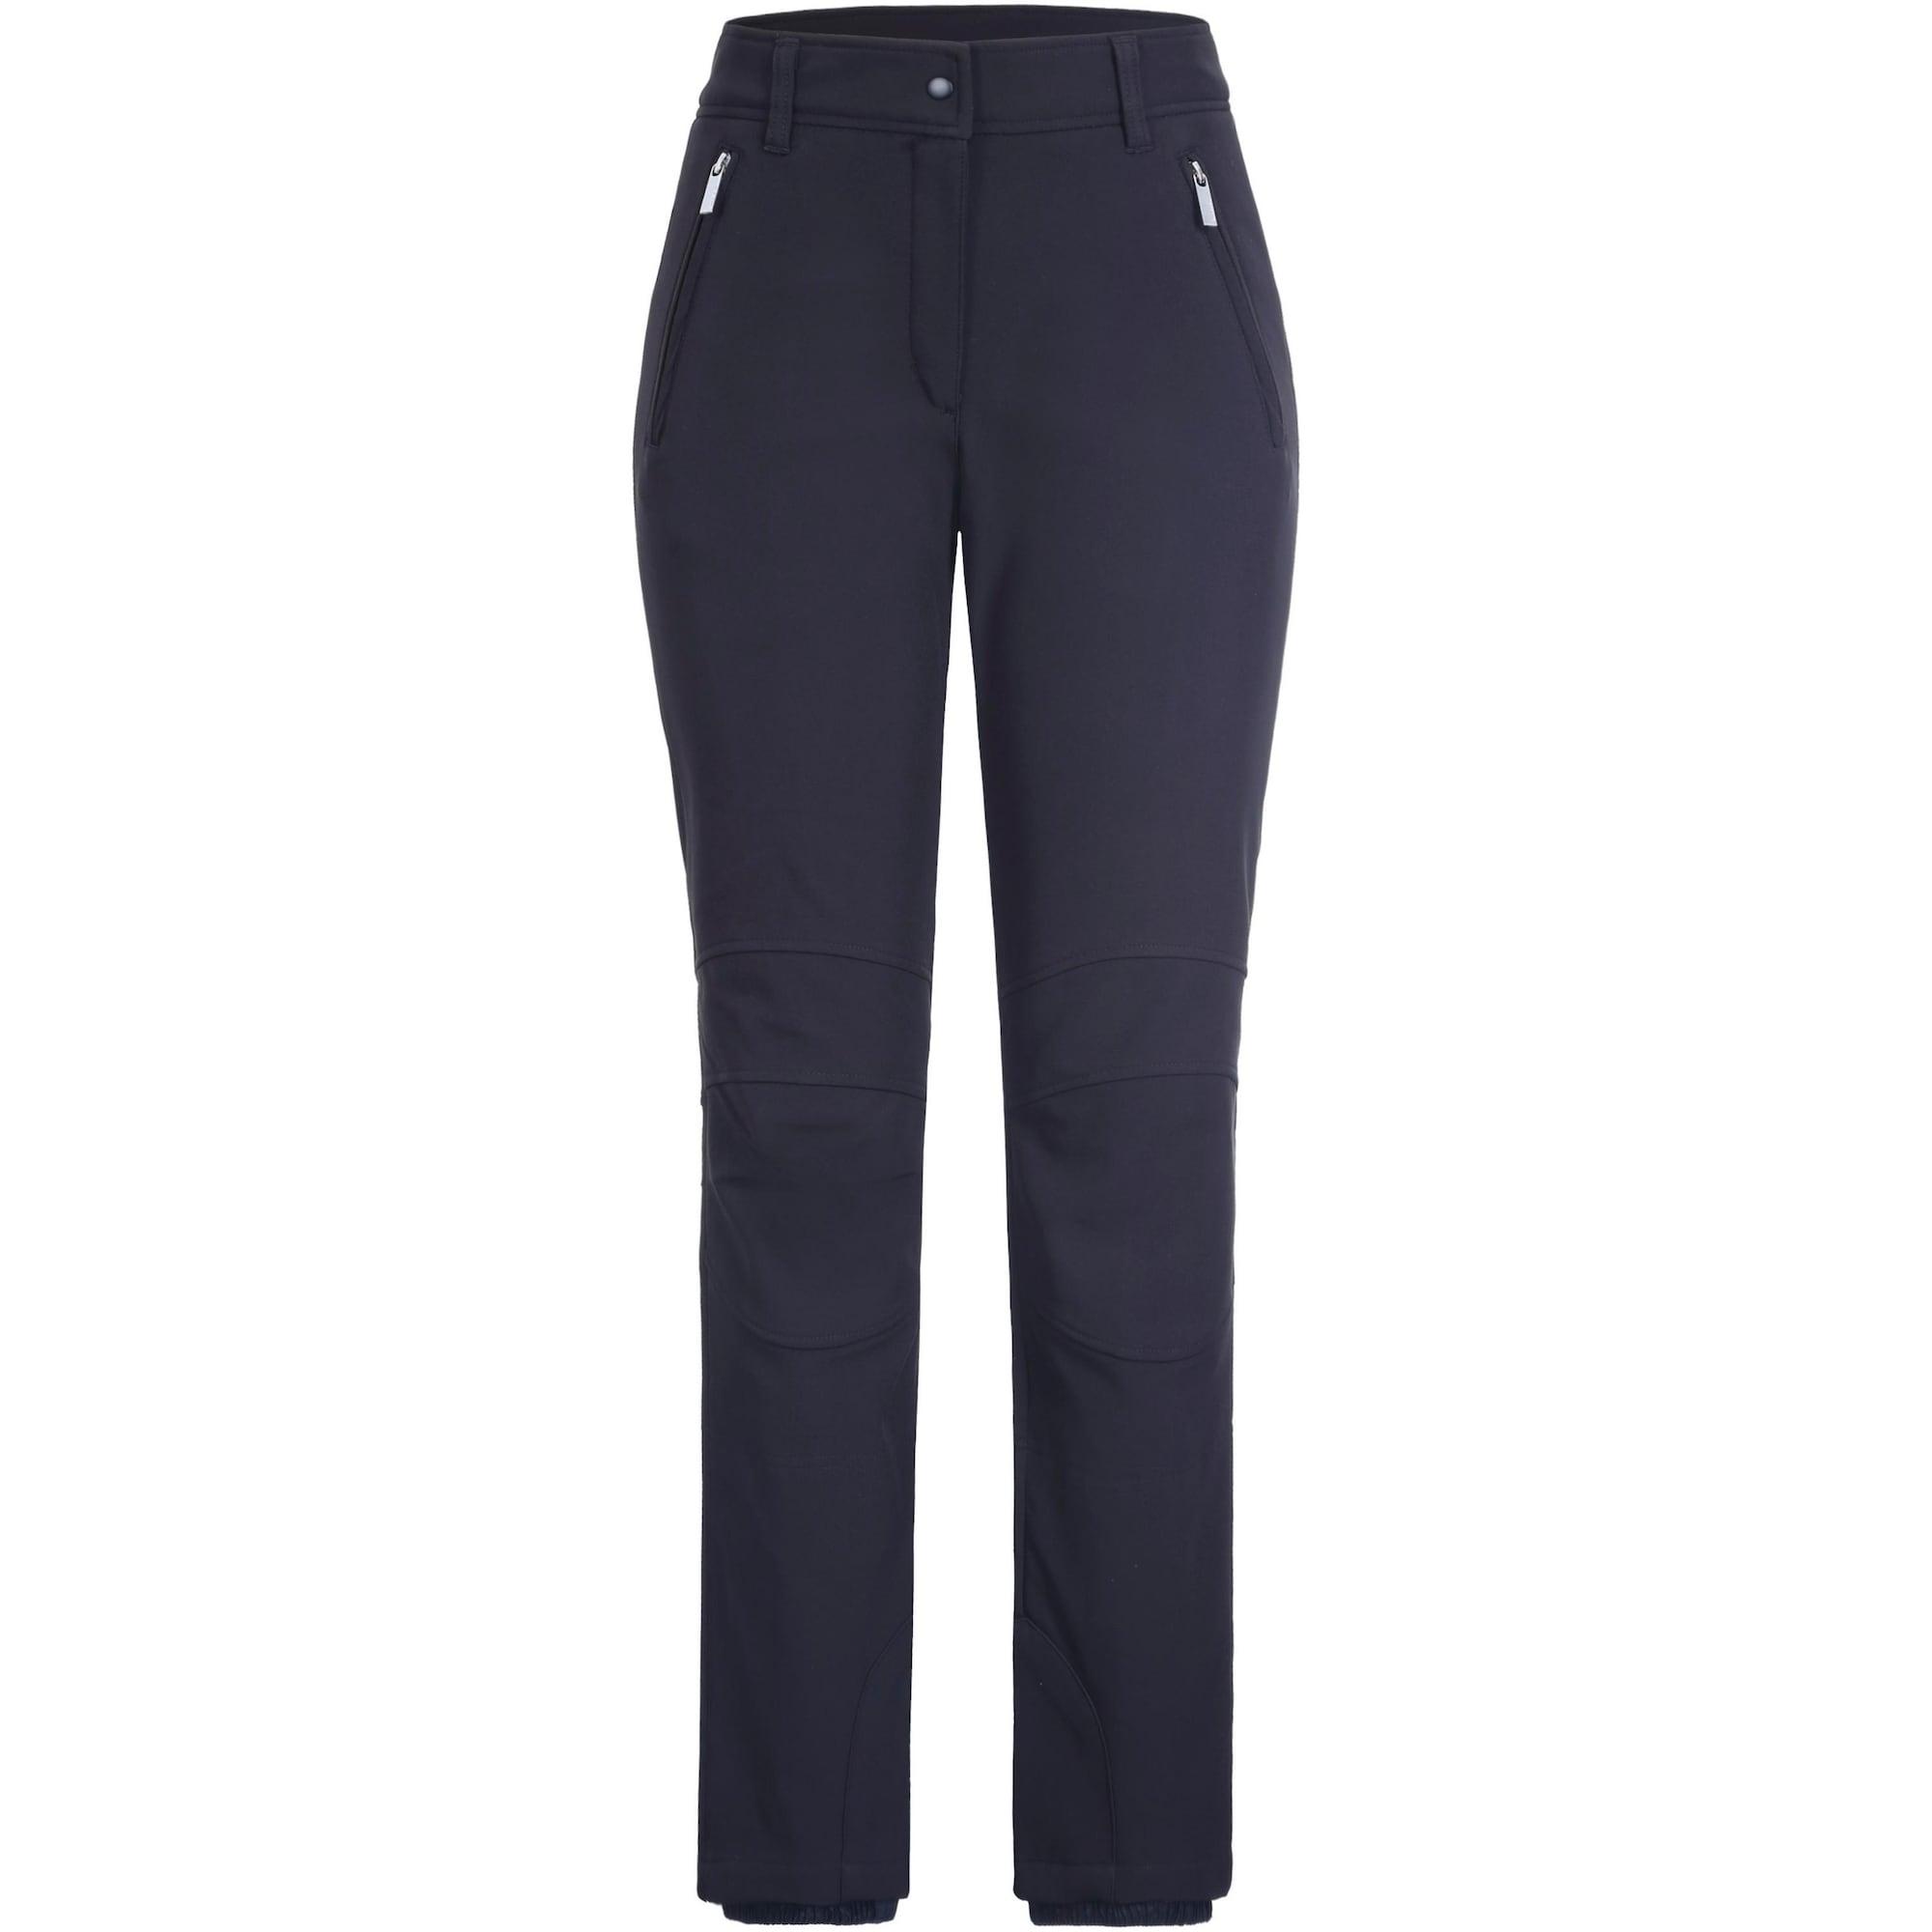 ICEPEAK Sportinės kelnės tamsiai mėlyna